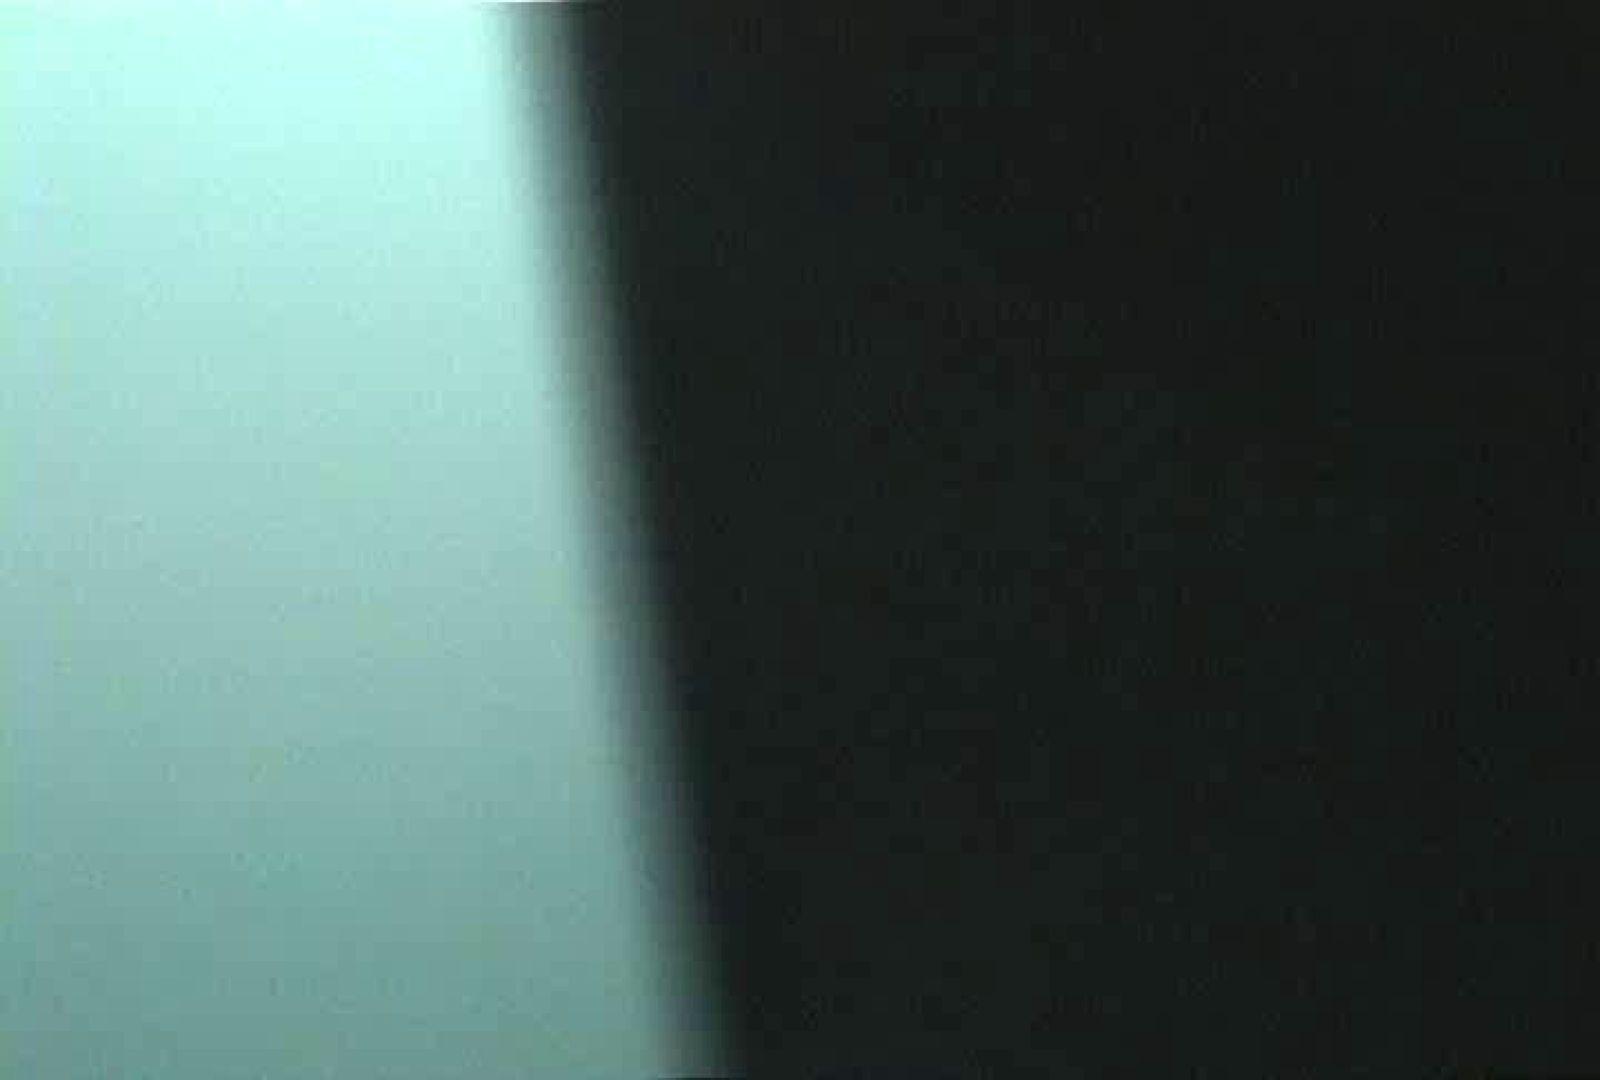 充血監督の深夜の運動会Vol.42 カップル 盗み撮り動画キャプチャ 55連発 19